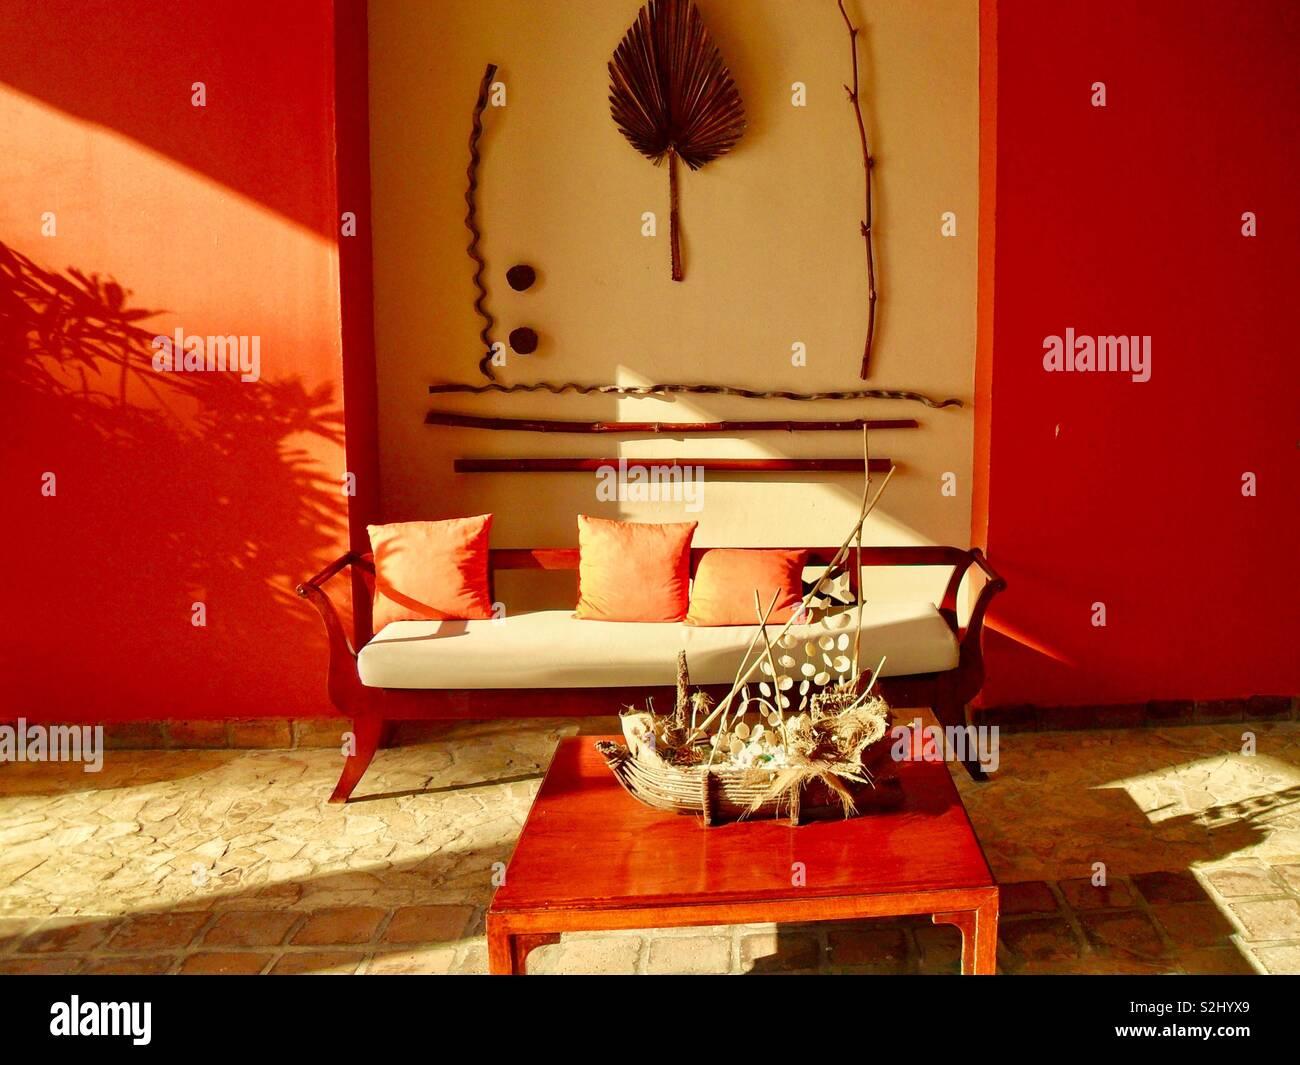 Espacio vacío con decoración tribal y colores fuertes Foto de stock